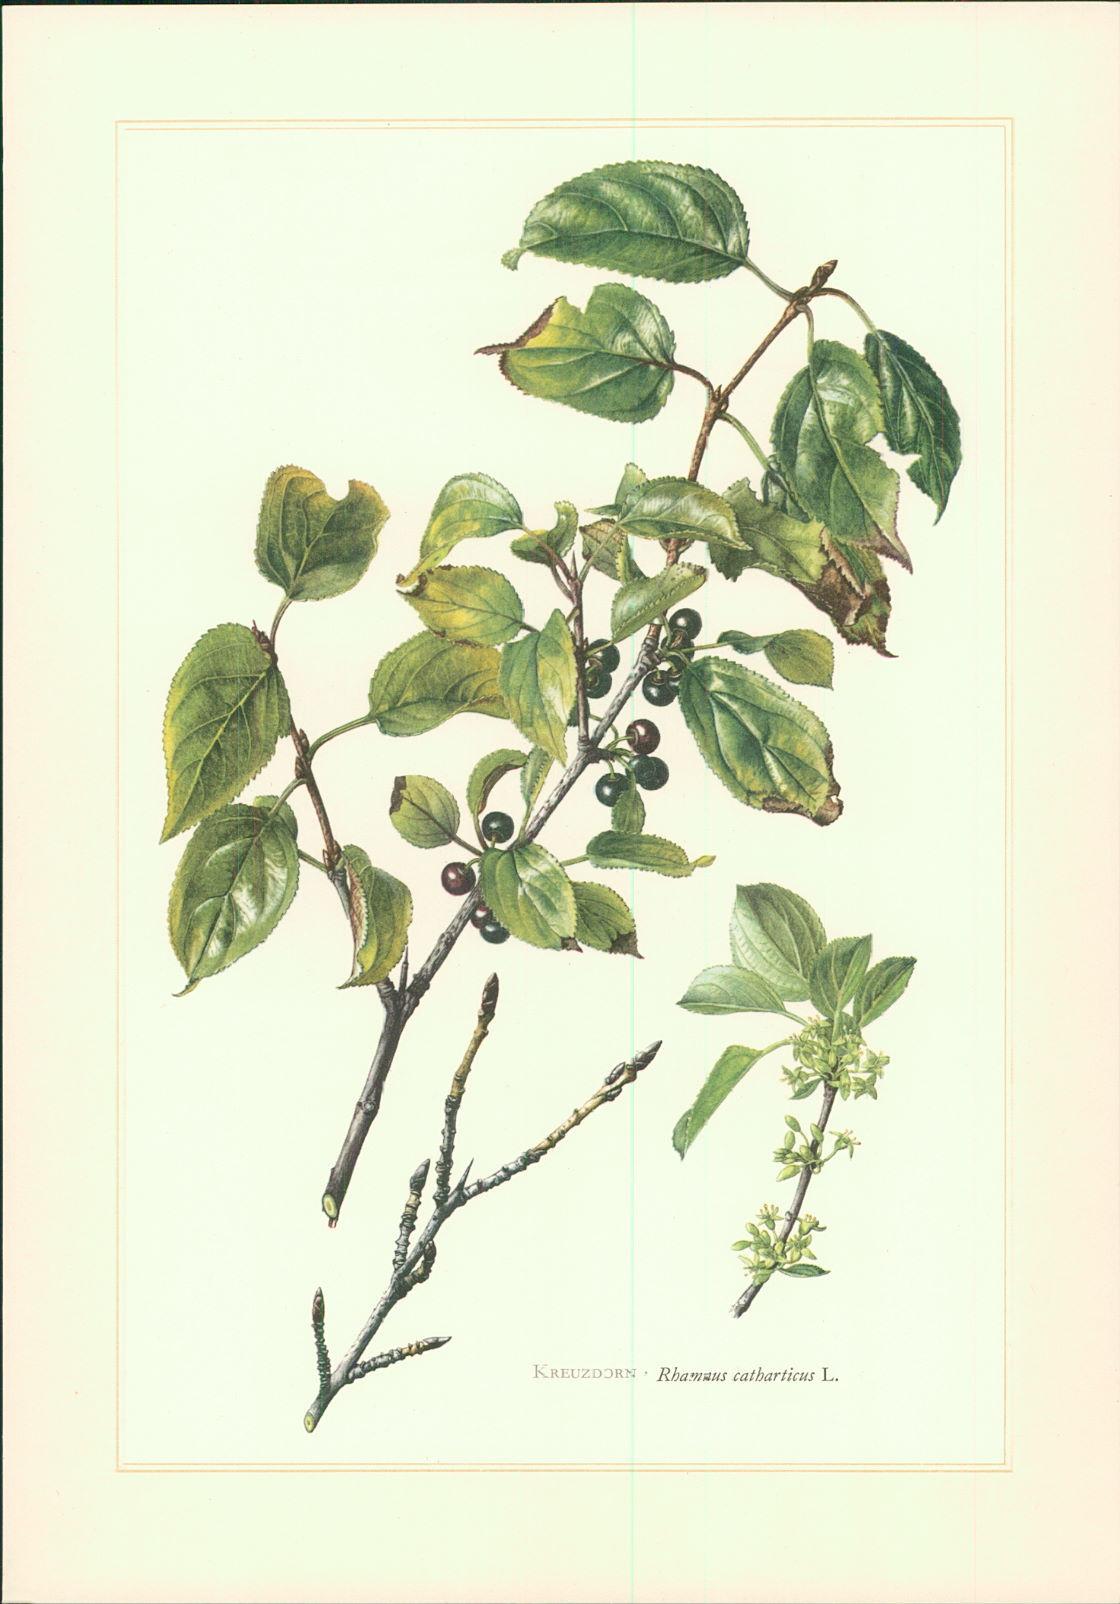 Sonderdruck. Kreuzdorn - Rhamnus catharticus L. Claus Caspari. Offset-Lithographie. Sonderdruck für die Freunde des Verlages.